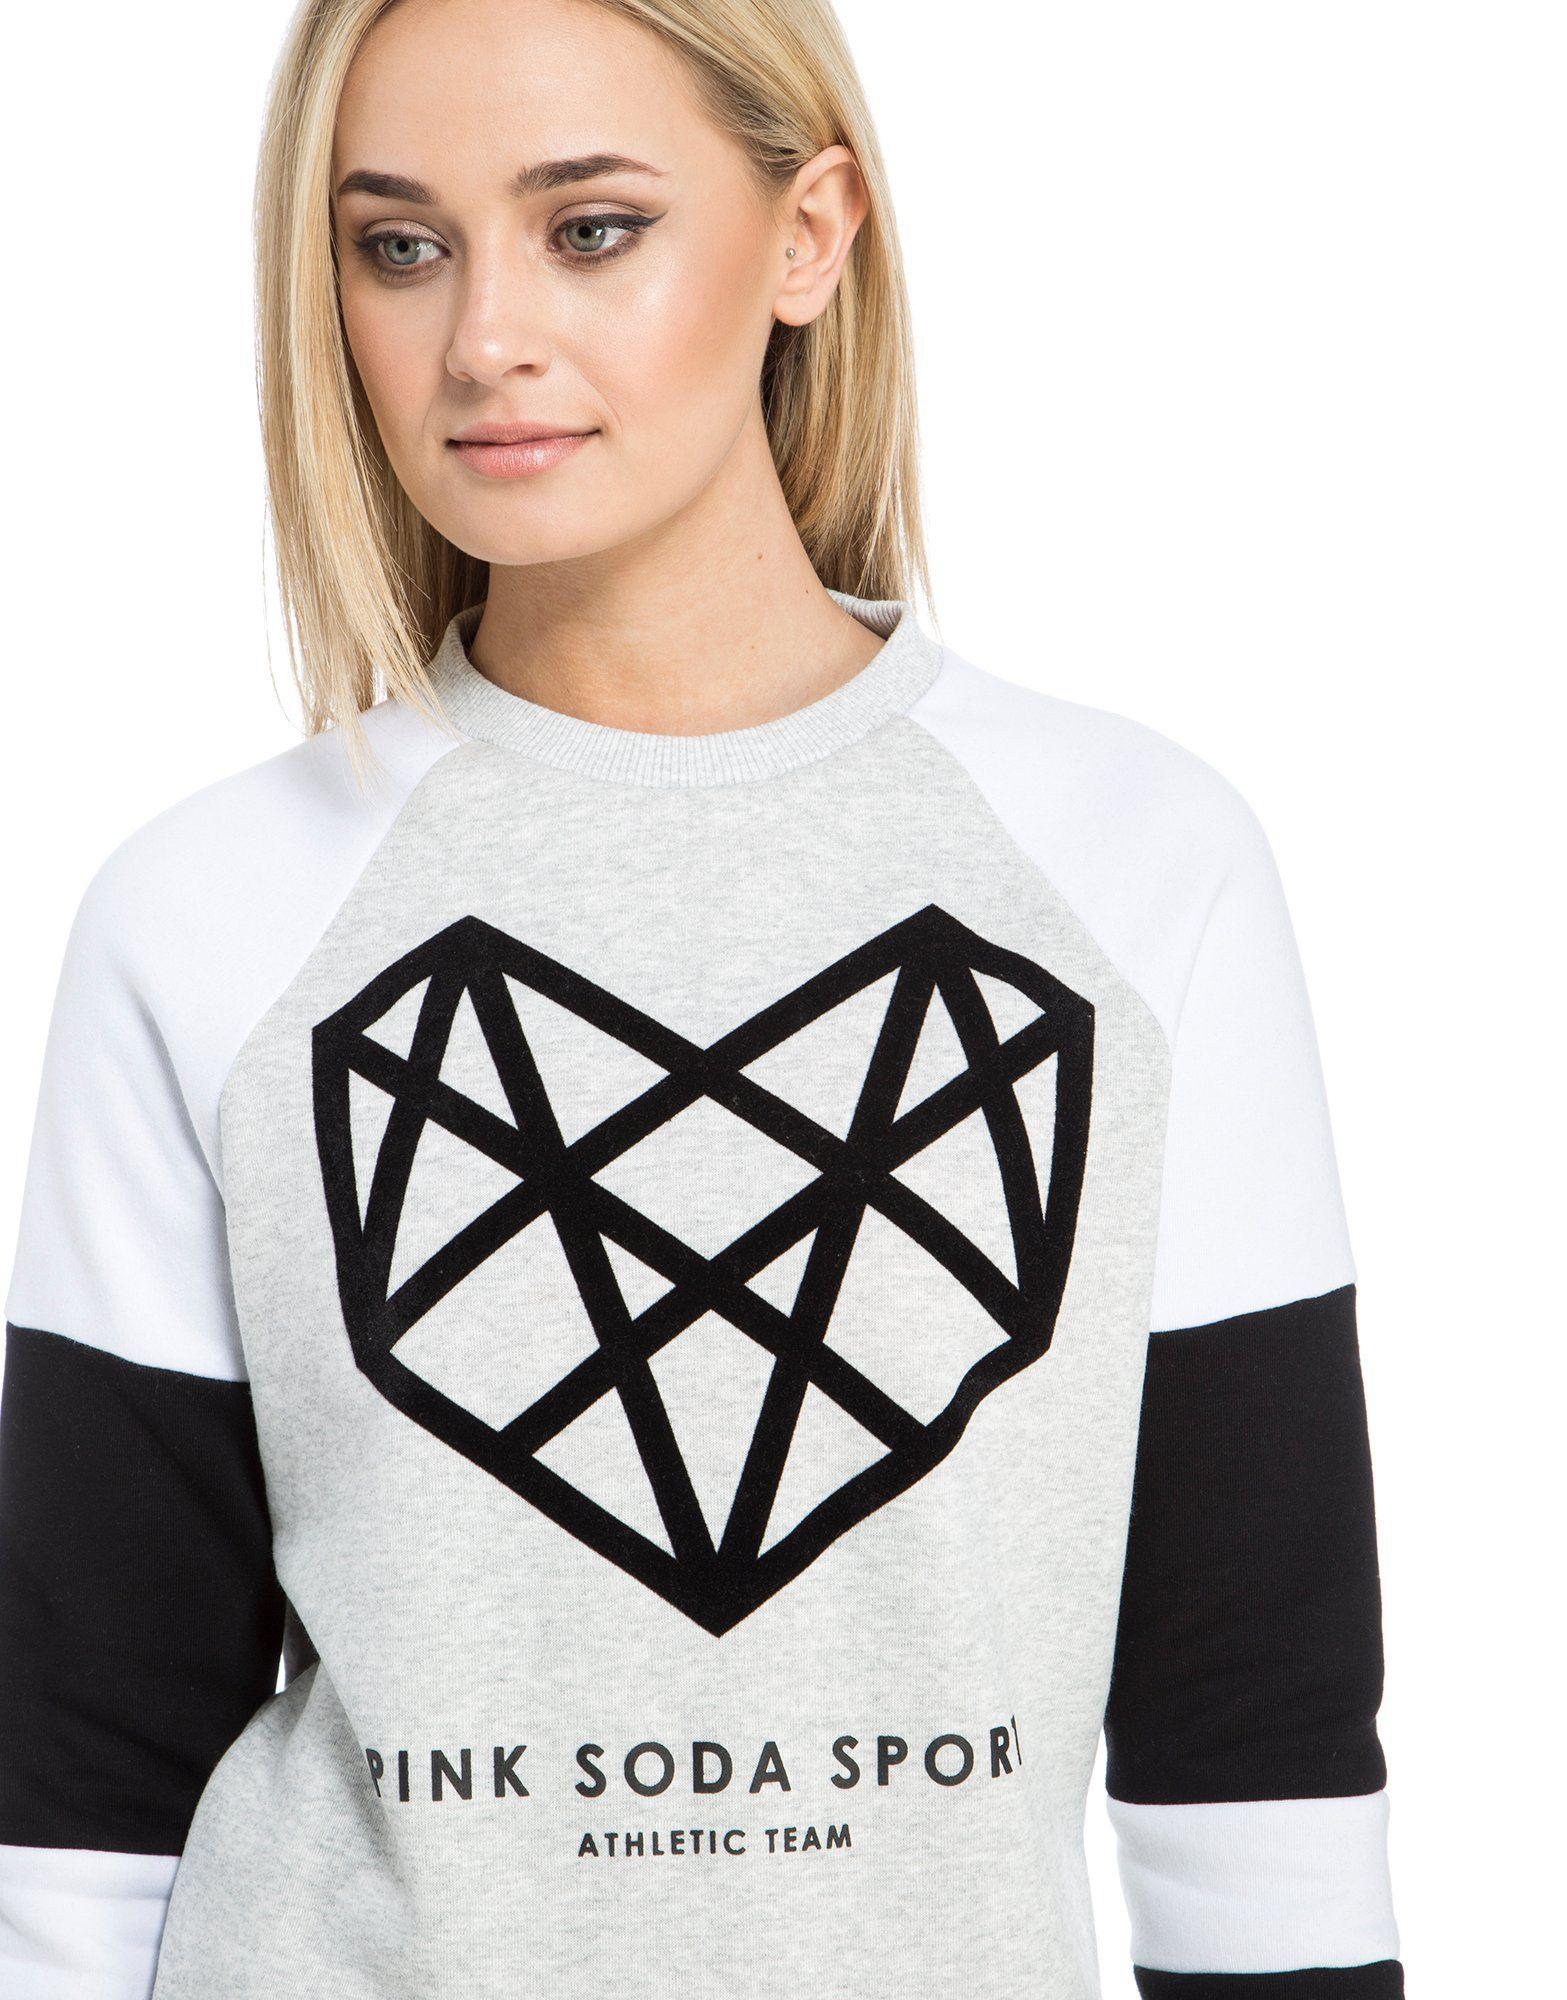 Pink Soda Sport Contrast Panel Sweatshirt